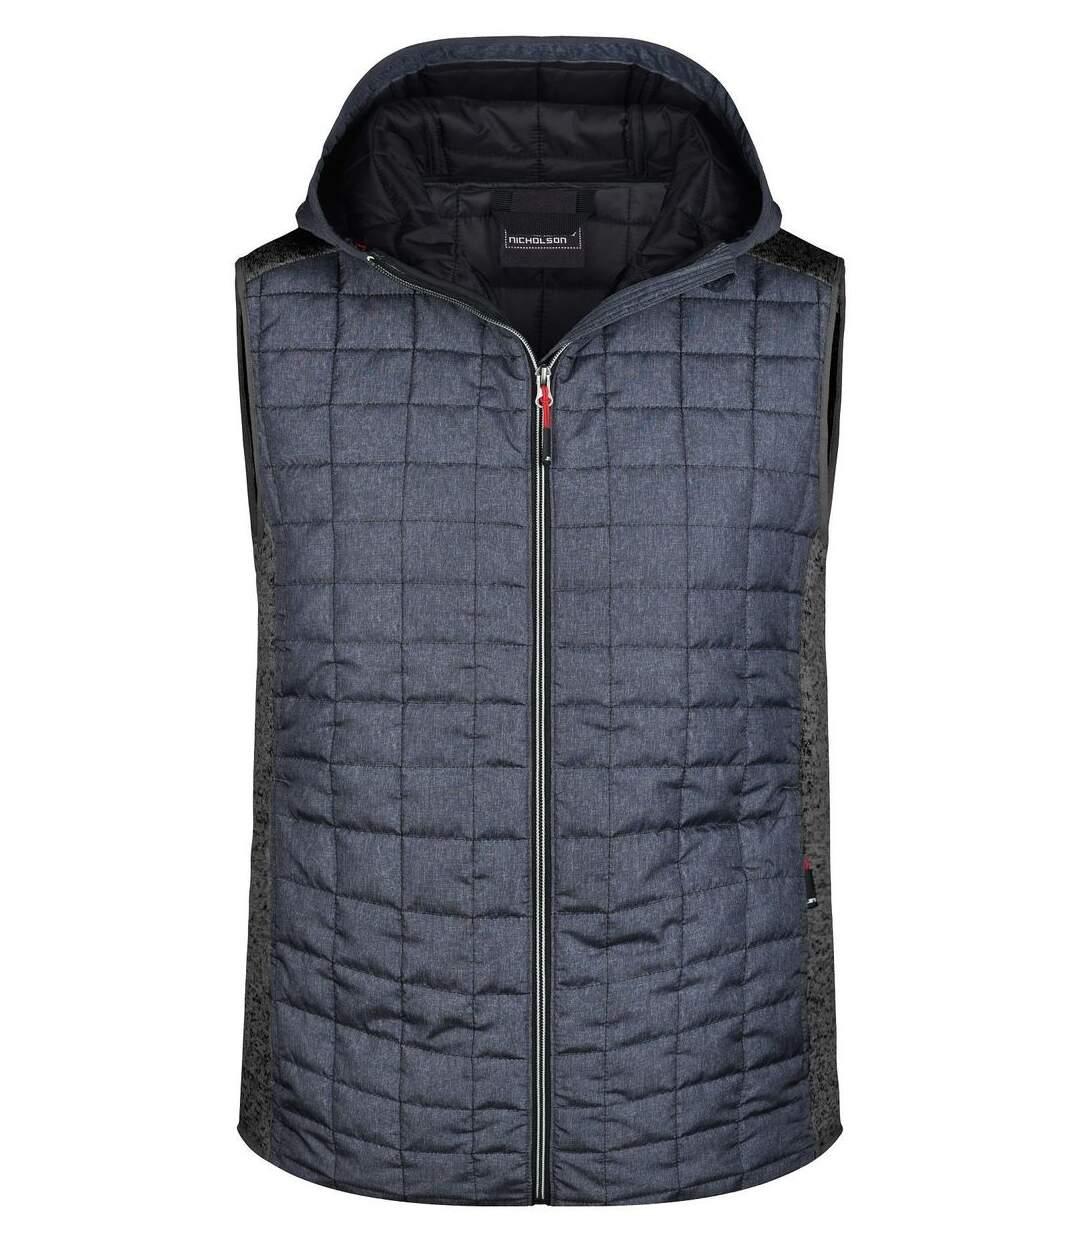 Veste tricot matelassée sans manches - homme - JN768 - gris foncé et anthracite